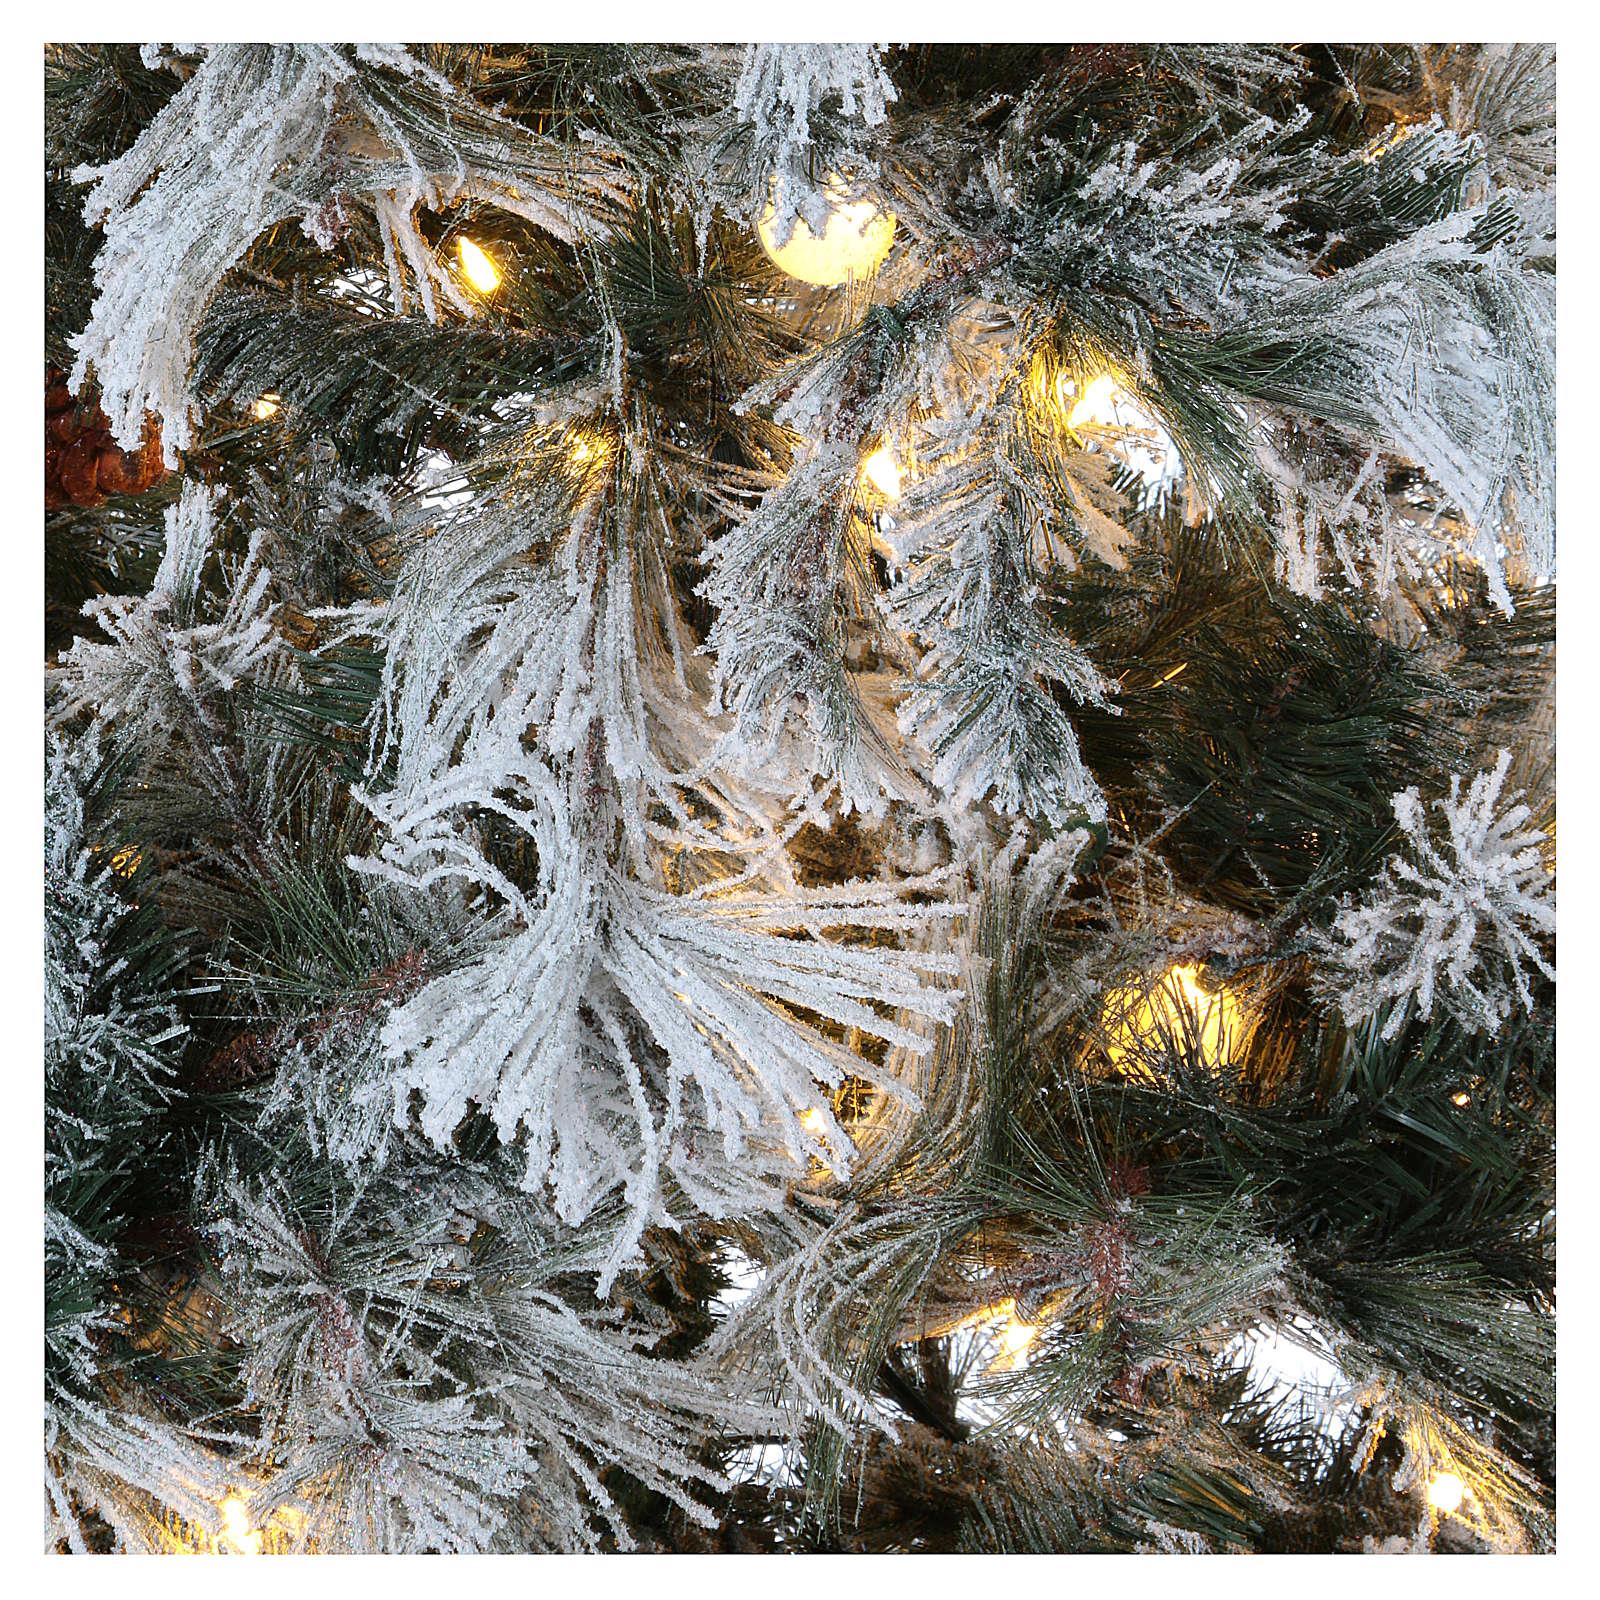 Árbol de Navidad 200 cm pino nevado con piñas naturales 350 luces led interior feel real 3